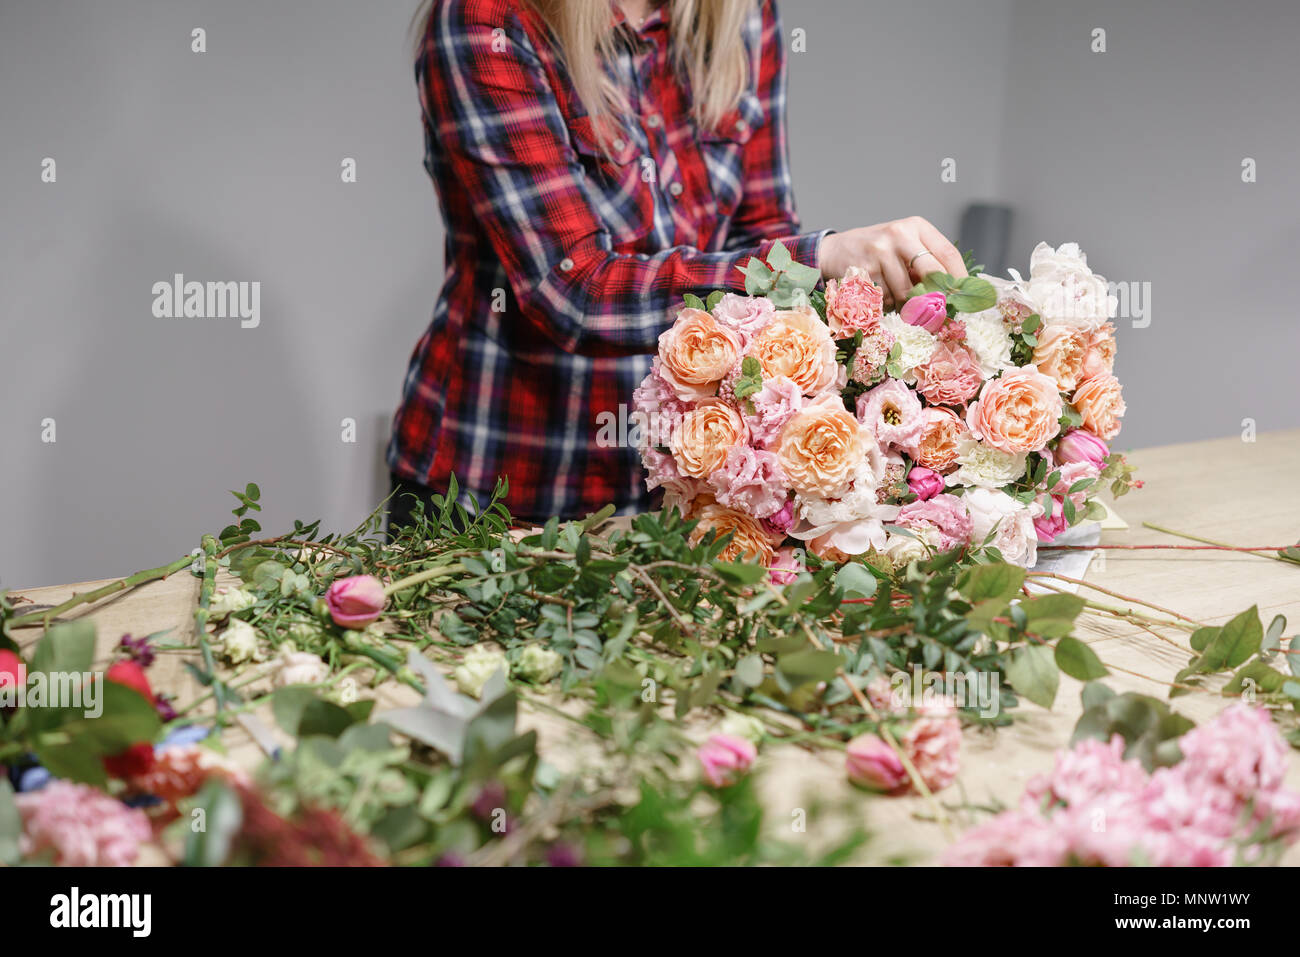 Florist femeninos. Taller Floral - mujer haciendo una bella composición un ramo de flores. Concepto de floristería Imagen De Stock